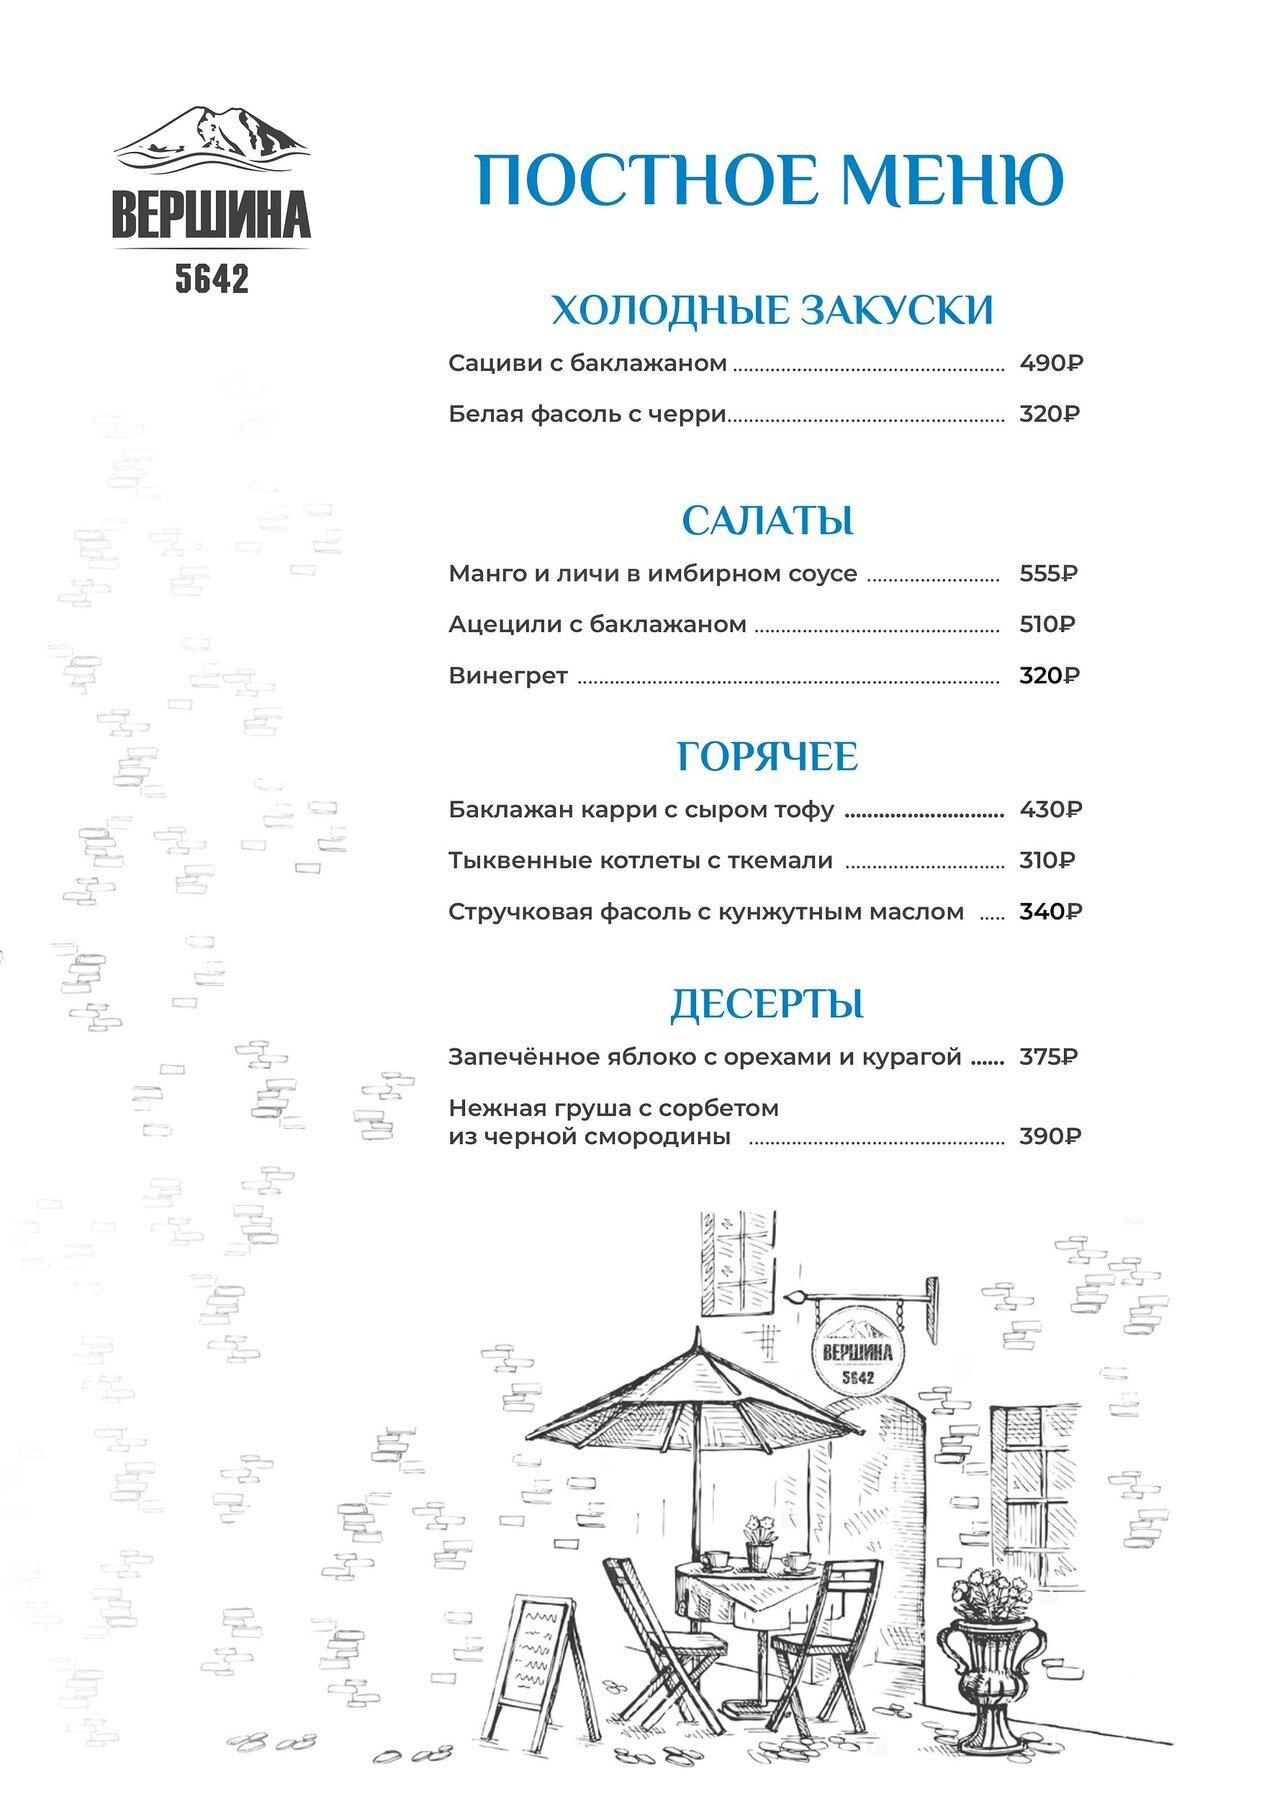 Меню кафе Вершина 5642 в Большом Кисловском переулке фото 1